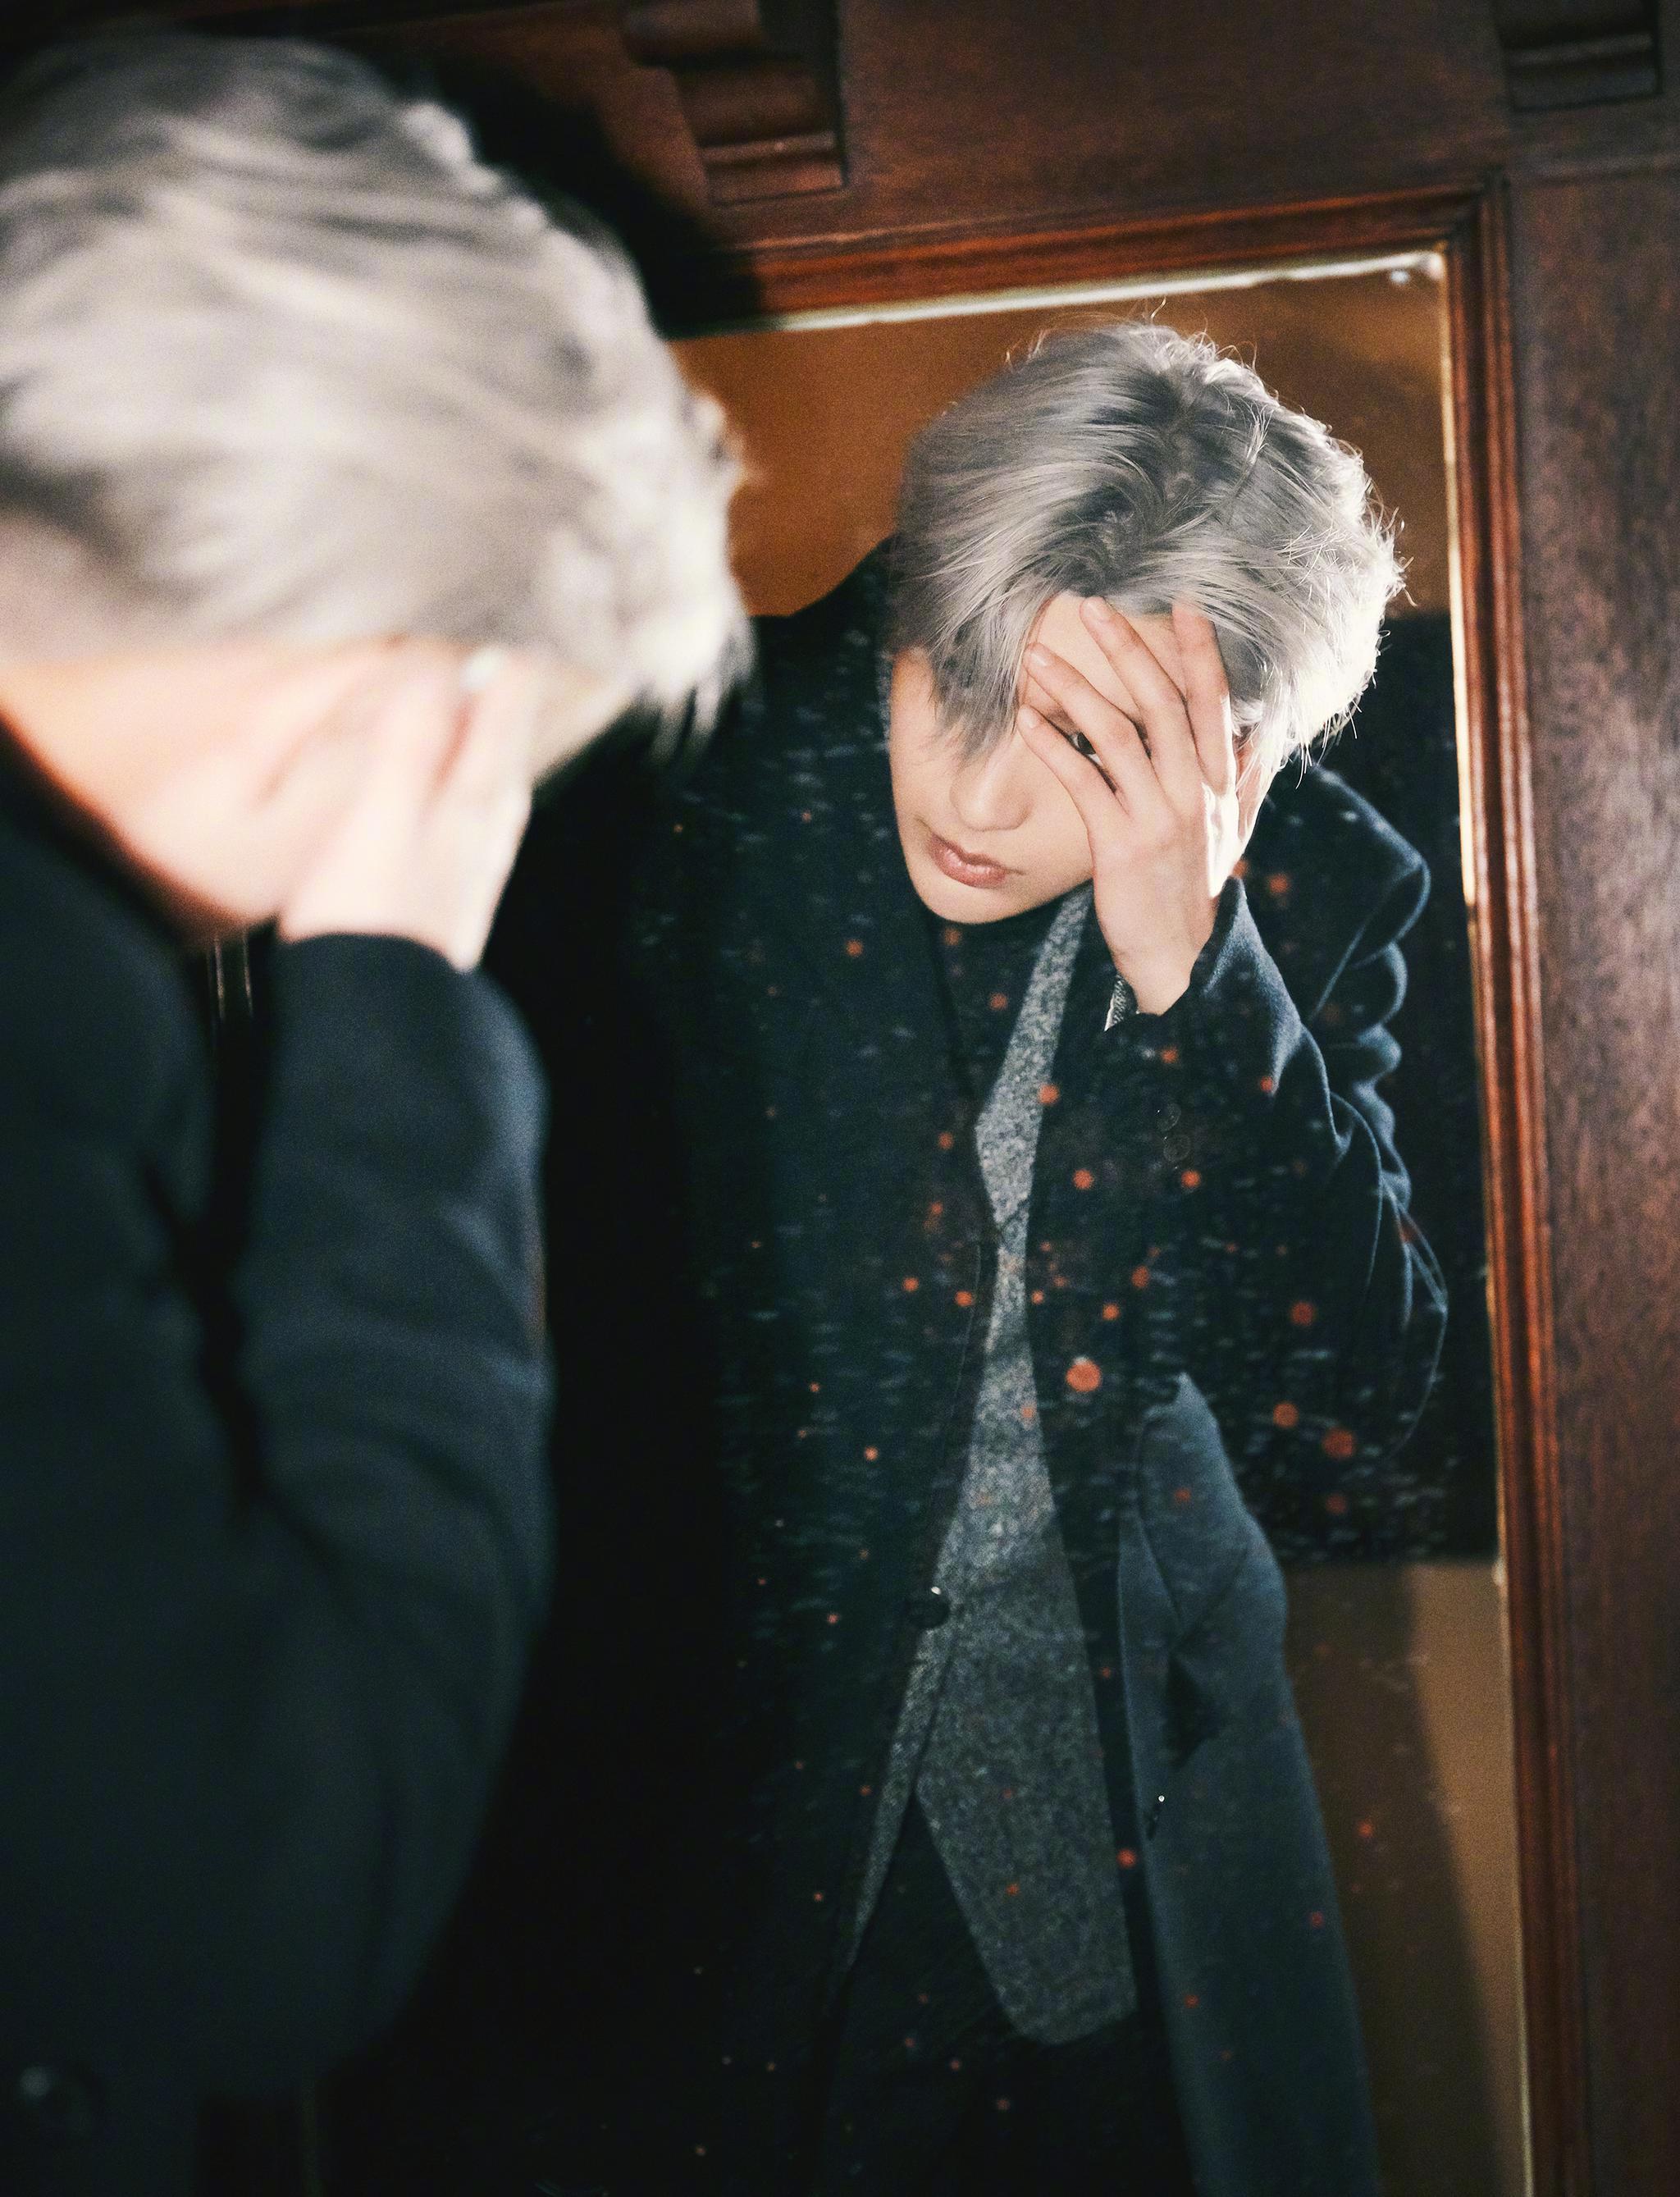 @蔡徐坤 今日活动造型,黑大衣银发丝,雨夜中更显魅力~